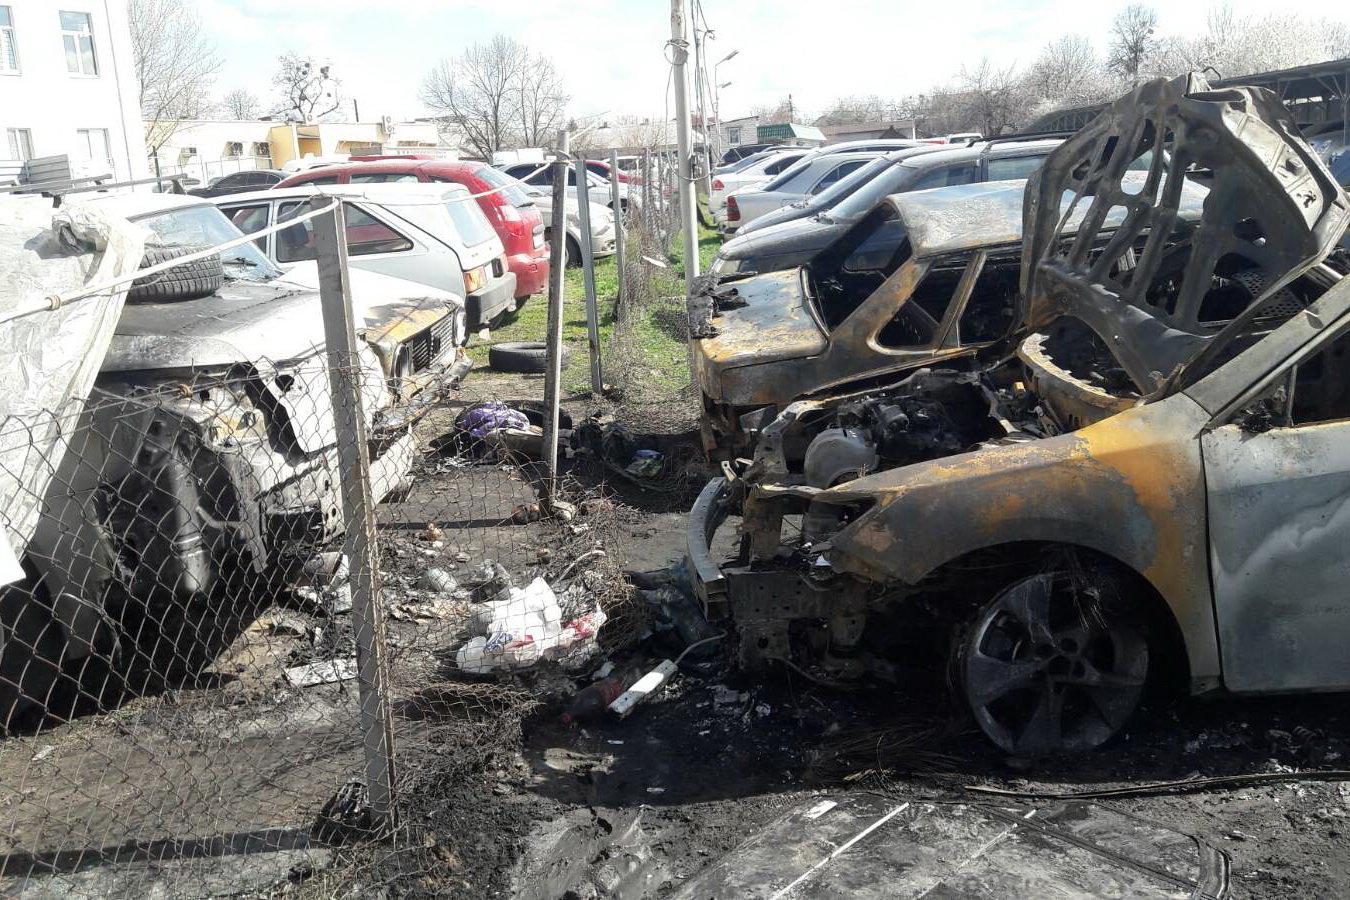 В Харькове неизвестные подожгли автостоянку: сгорели два авто и еще три повреждены, - ФОТО, фото-3